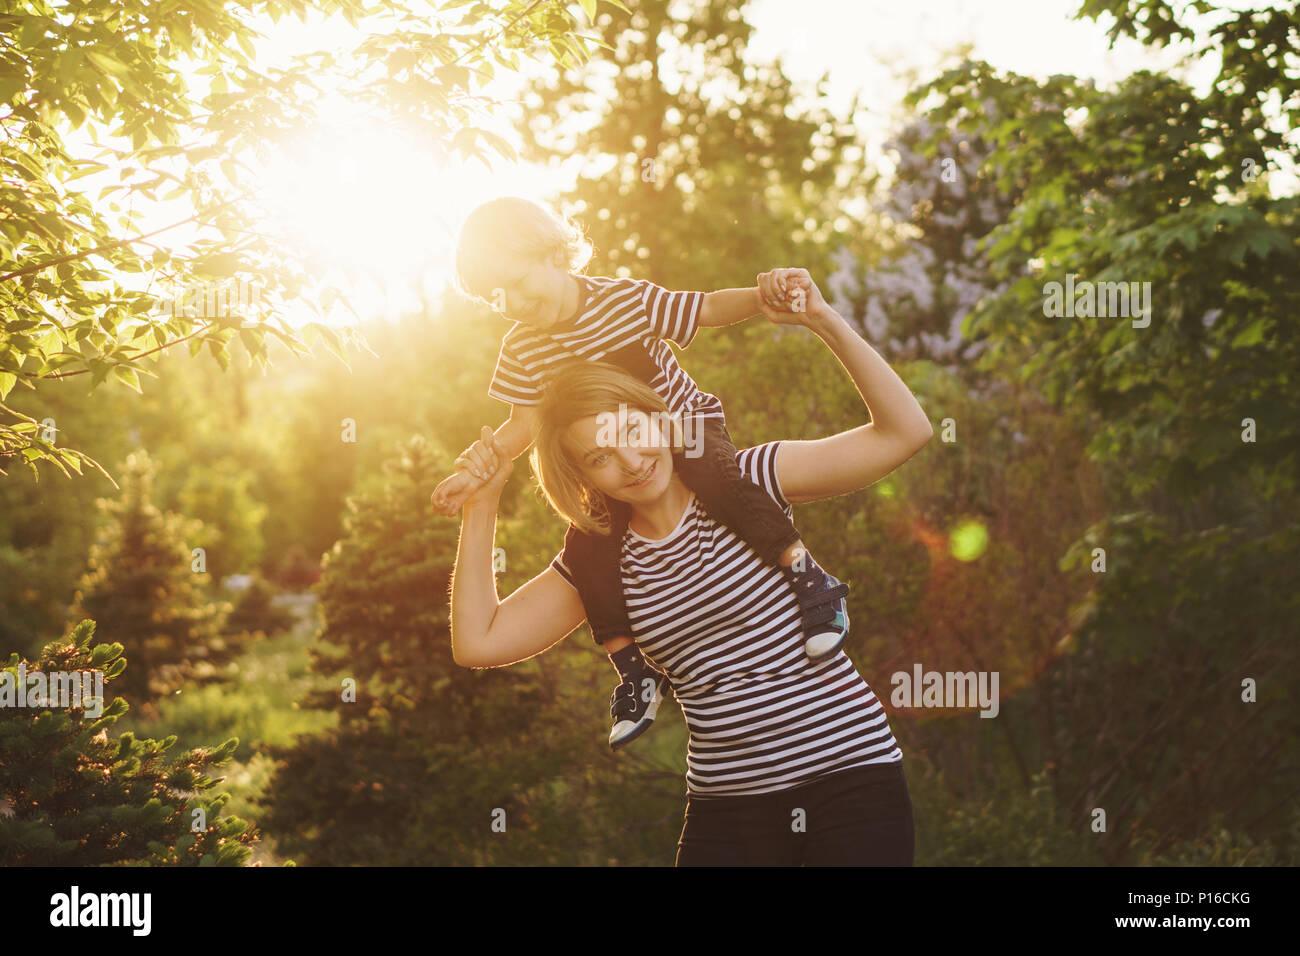 Madre e hijo en rayas T-shirts. Mujer sosteniendo boy en piggyback. La familia juntos. Divertirse. En Sunset Park Imagen De Stock